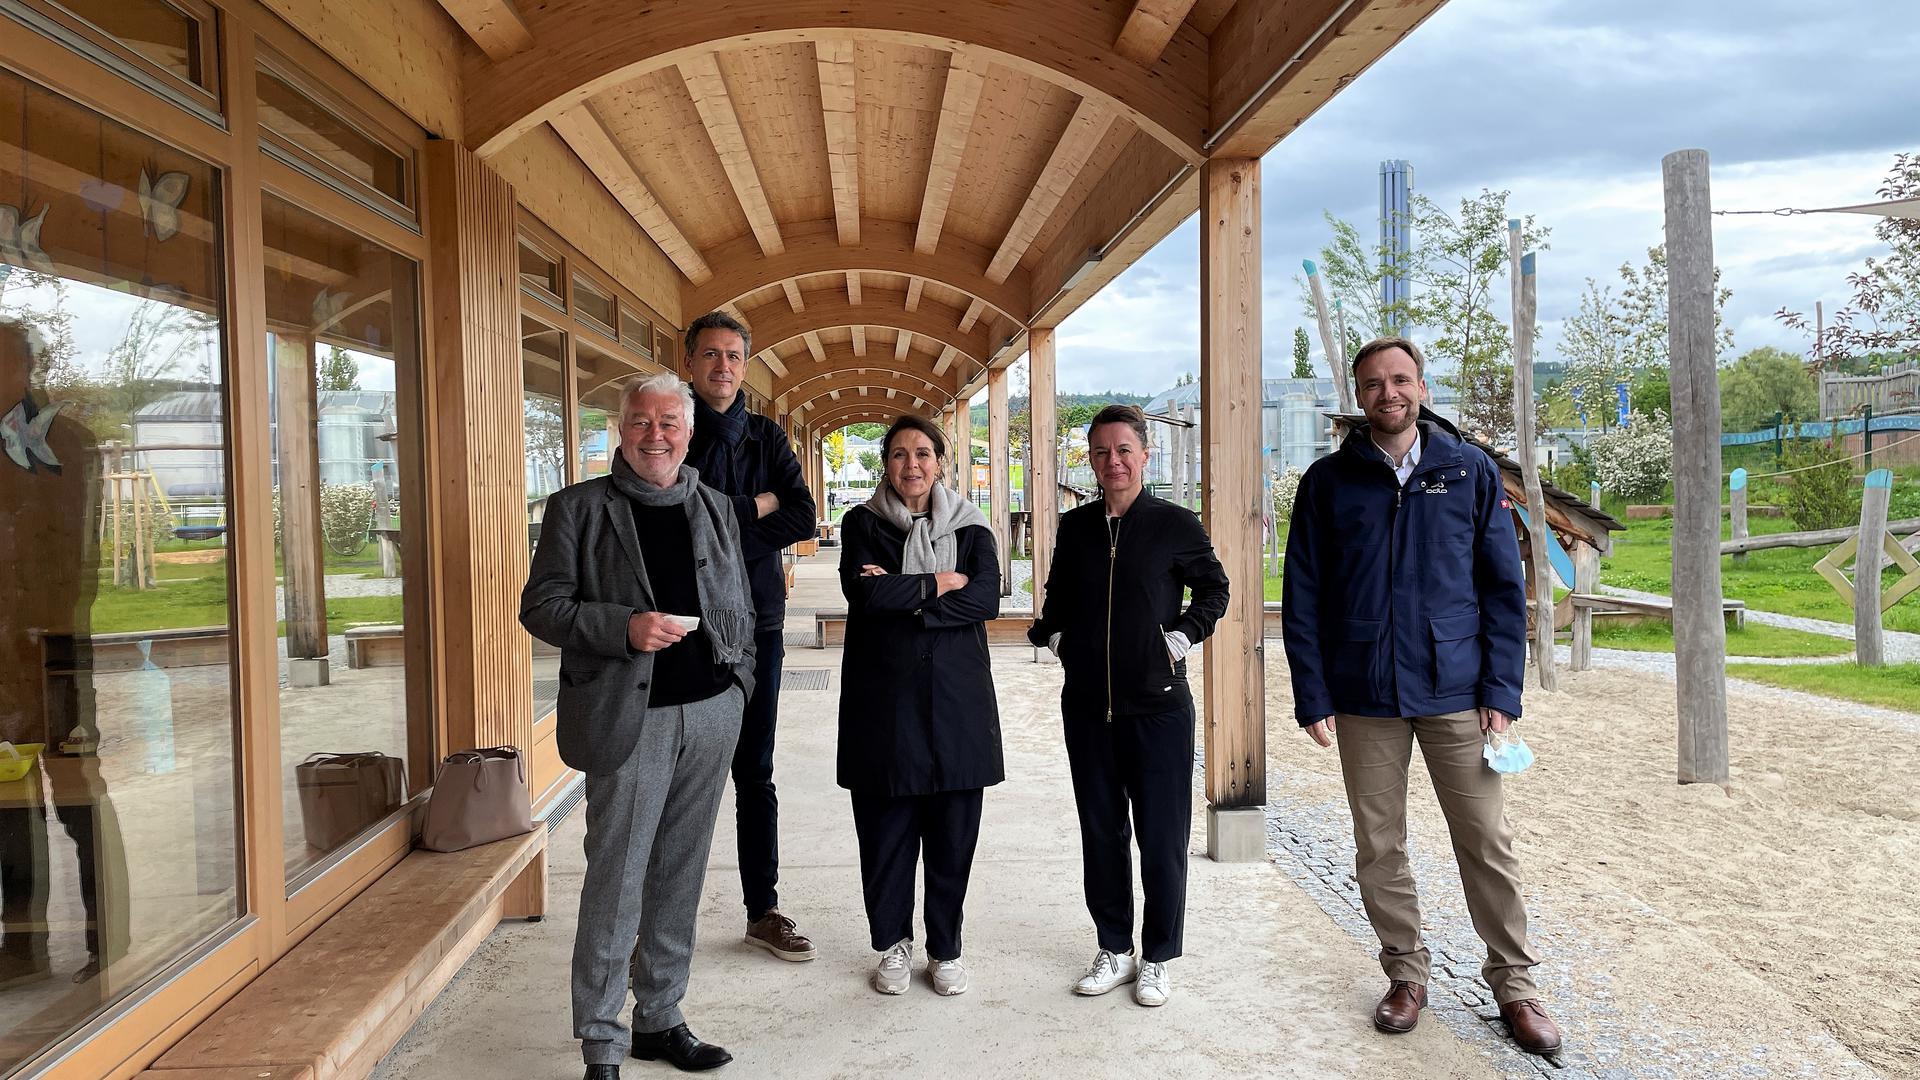 Die Jury bei ihrer Rundreise: (von links) Hans Klumpp, Jan Richter, Amber Sayah, Tanja Gerst und Bürgermeister Raphael Knoth.